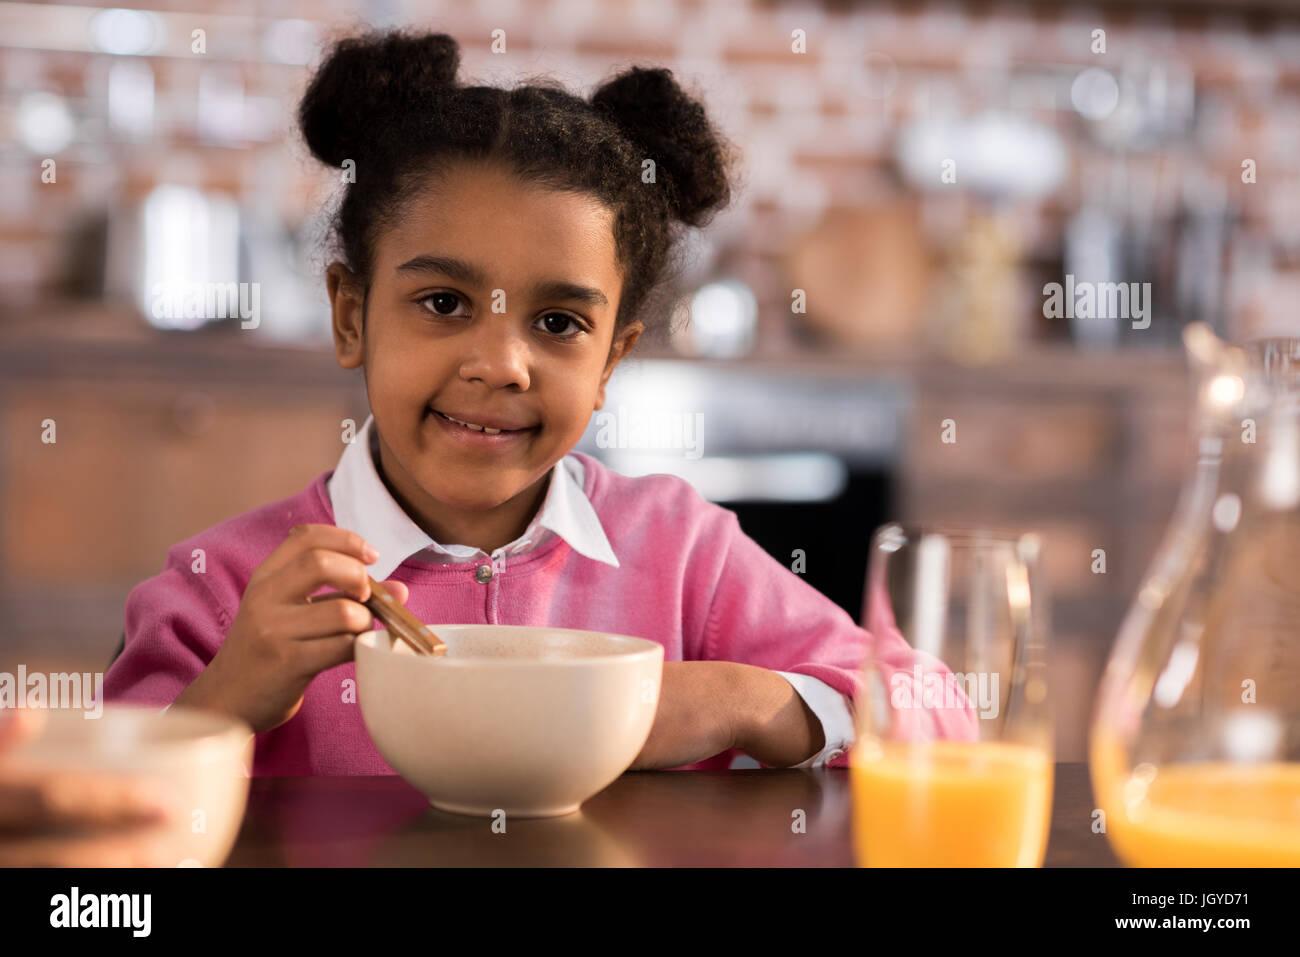 portrait of smiling little girl having breakfast at home - Stock Image